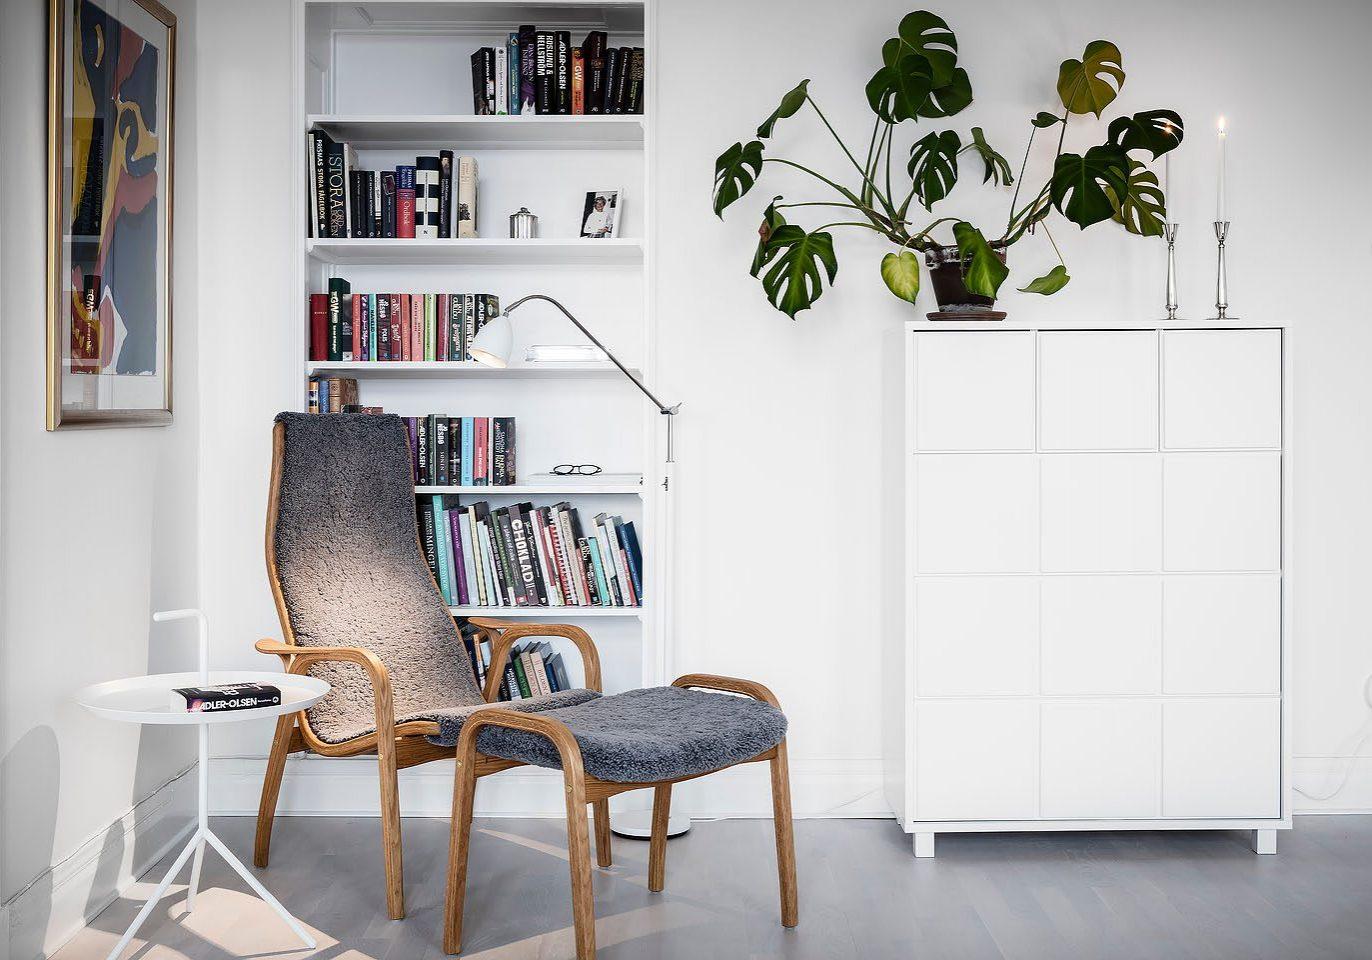 swedese, laminofåtöljen, lamino, sidobord hay, golvlampa belid, byrå scherlin.